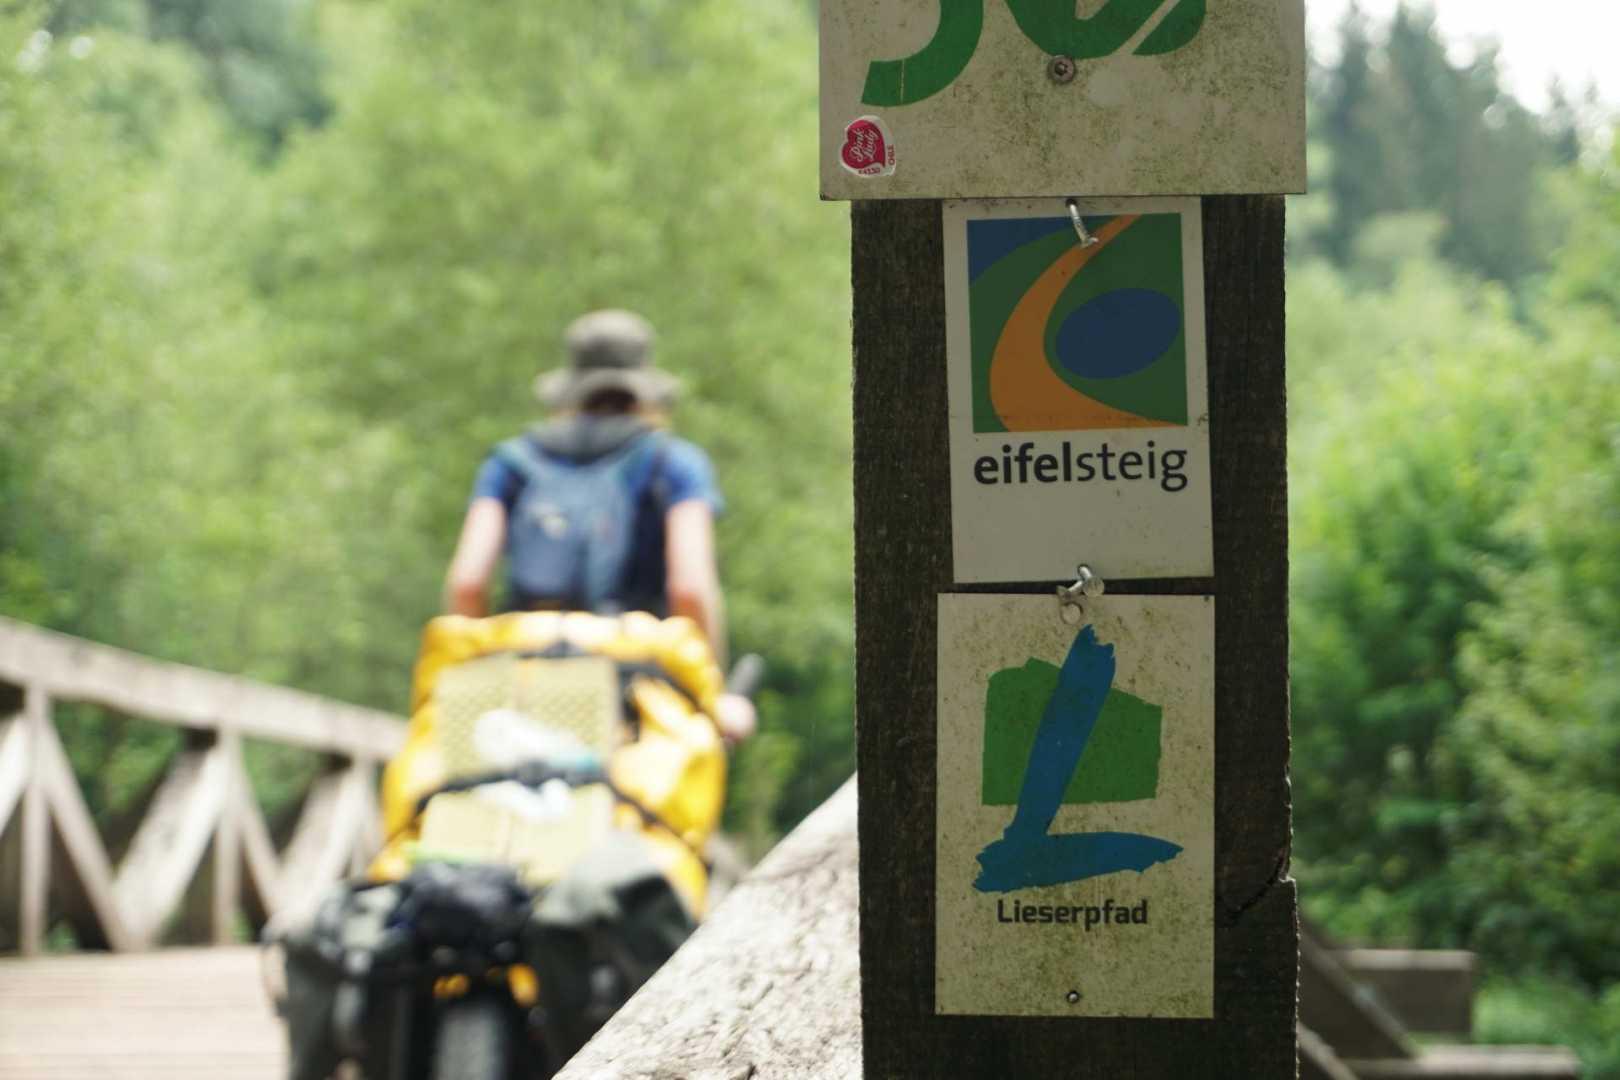 Jana fährt über eine Brücke mit dem Monowalker. Im Vordergrund markieren zwei Schilder den Eifelsteig und den Lieserpfad